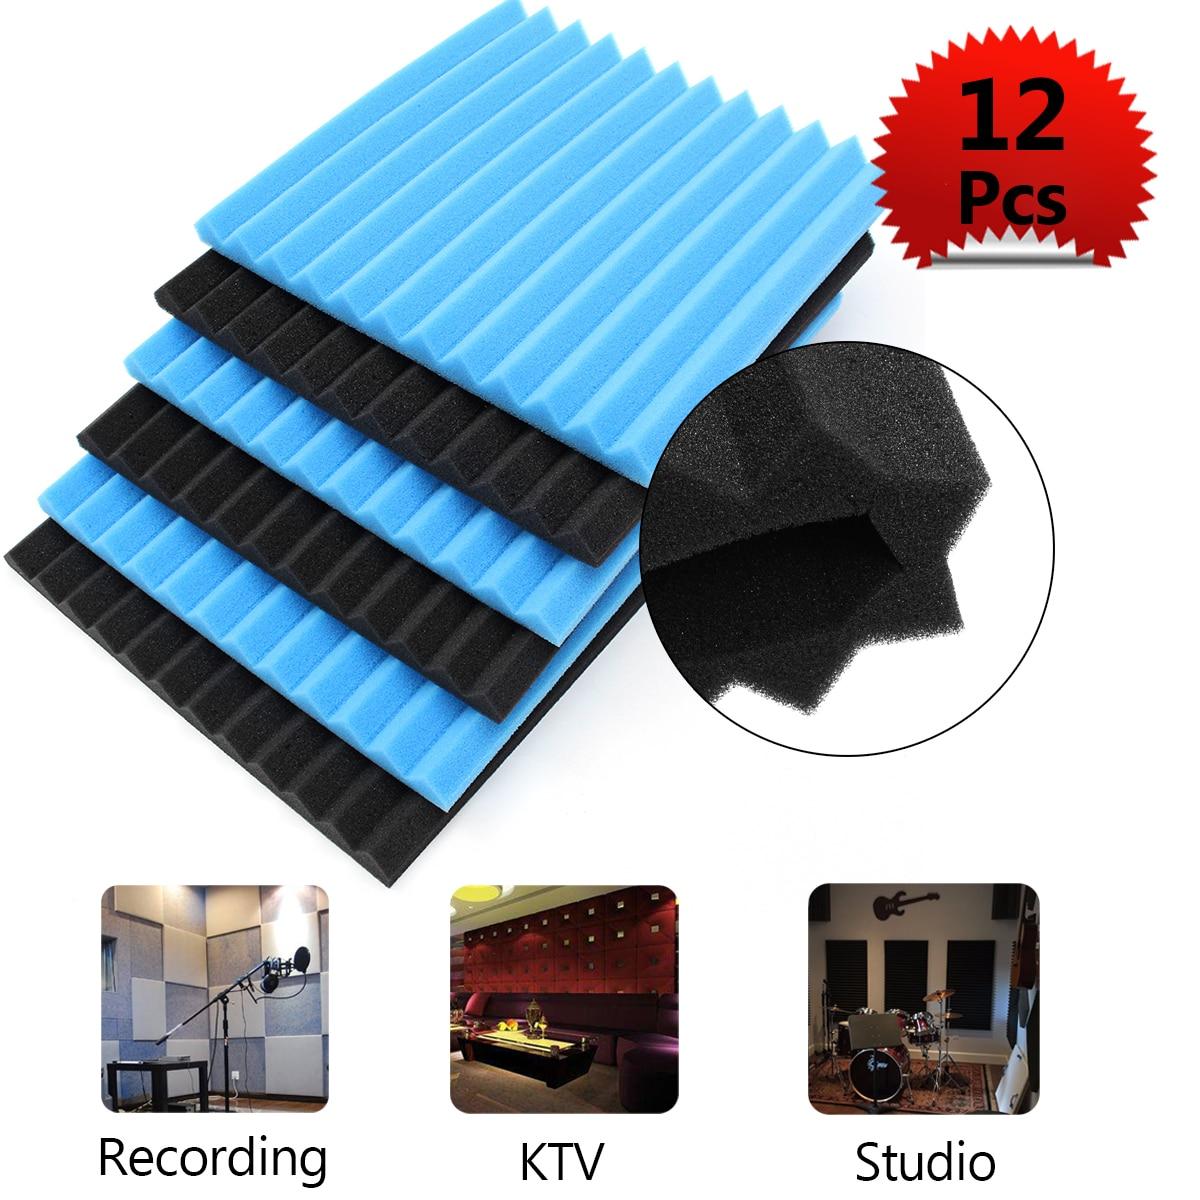 12x Soundproofing Foam Acoustic Absording Treatment Foams Home Wall Car Wedge Tiles Studio Foam KTV Studio Noise Sponge Foam US 12x soundproofing foam acoustic absording treatment foams home wall car wedge tiles studio foam ktv studio noise sponge foam us